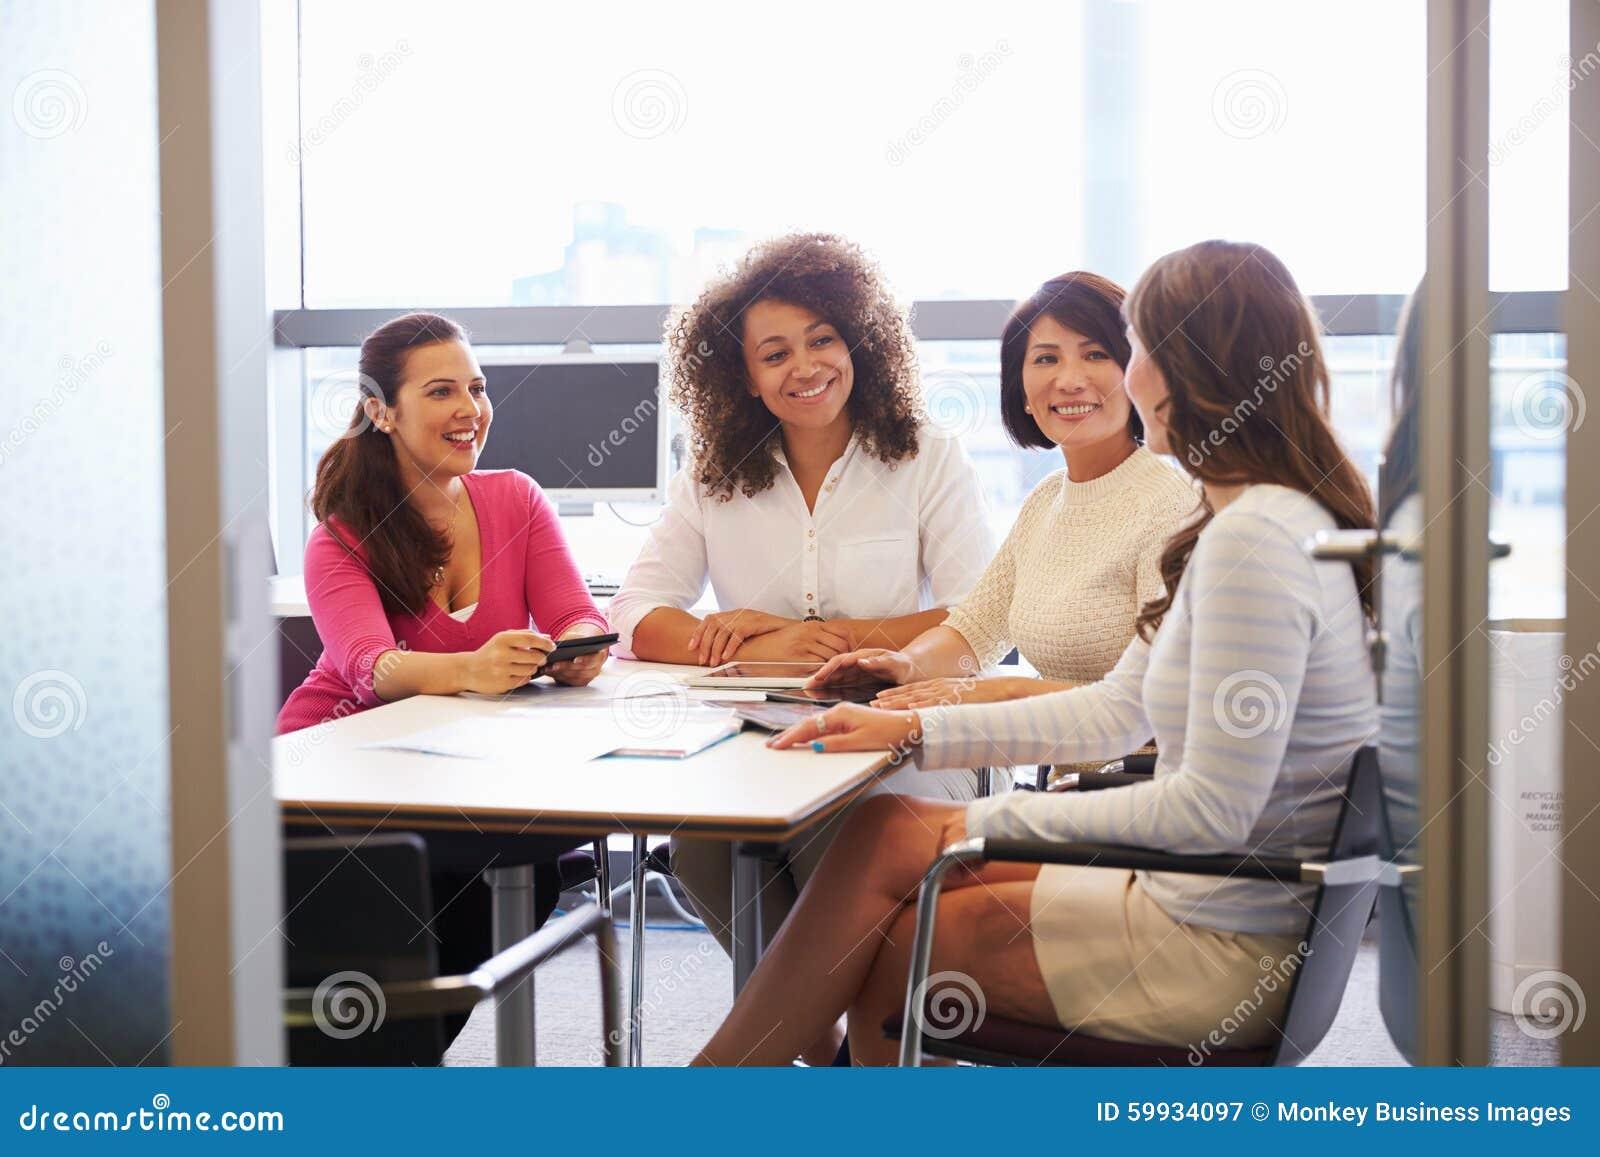 Tillfälligt klädda kvinnliga kollegor som talar i en mötesrum